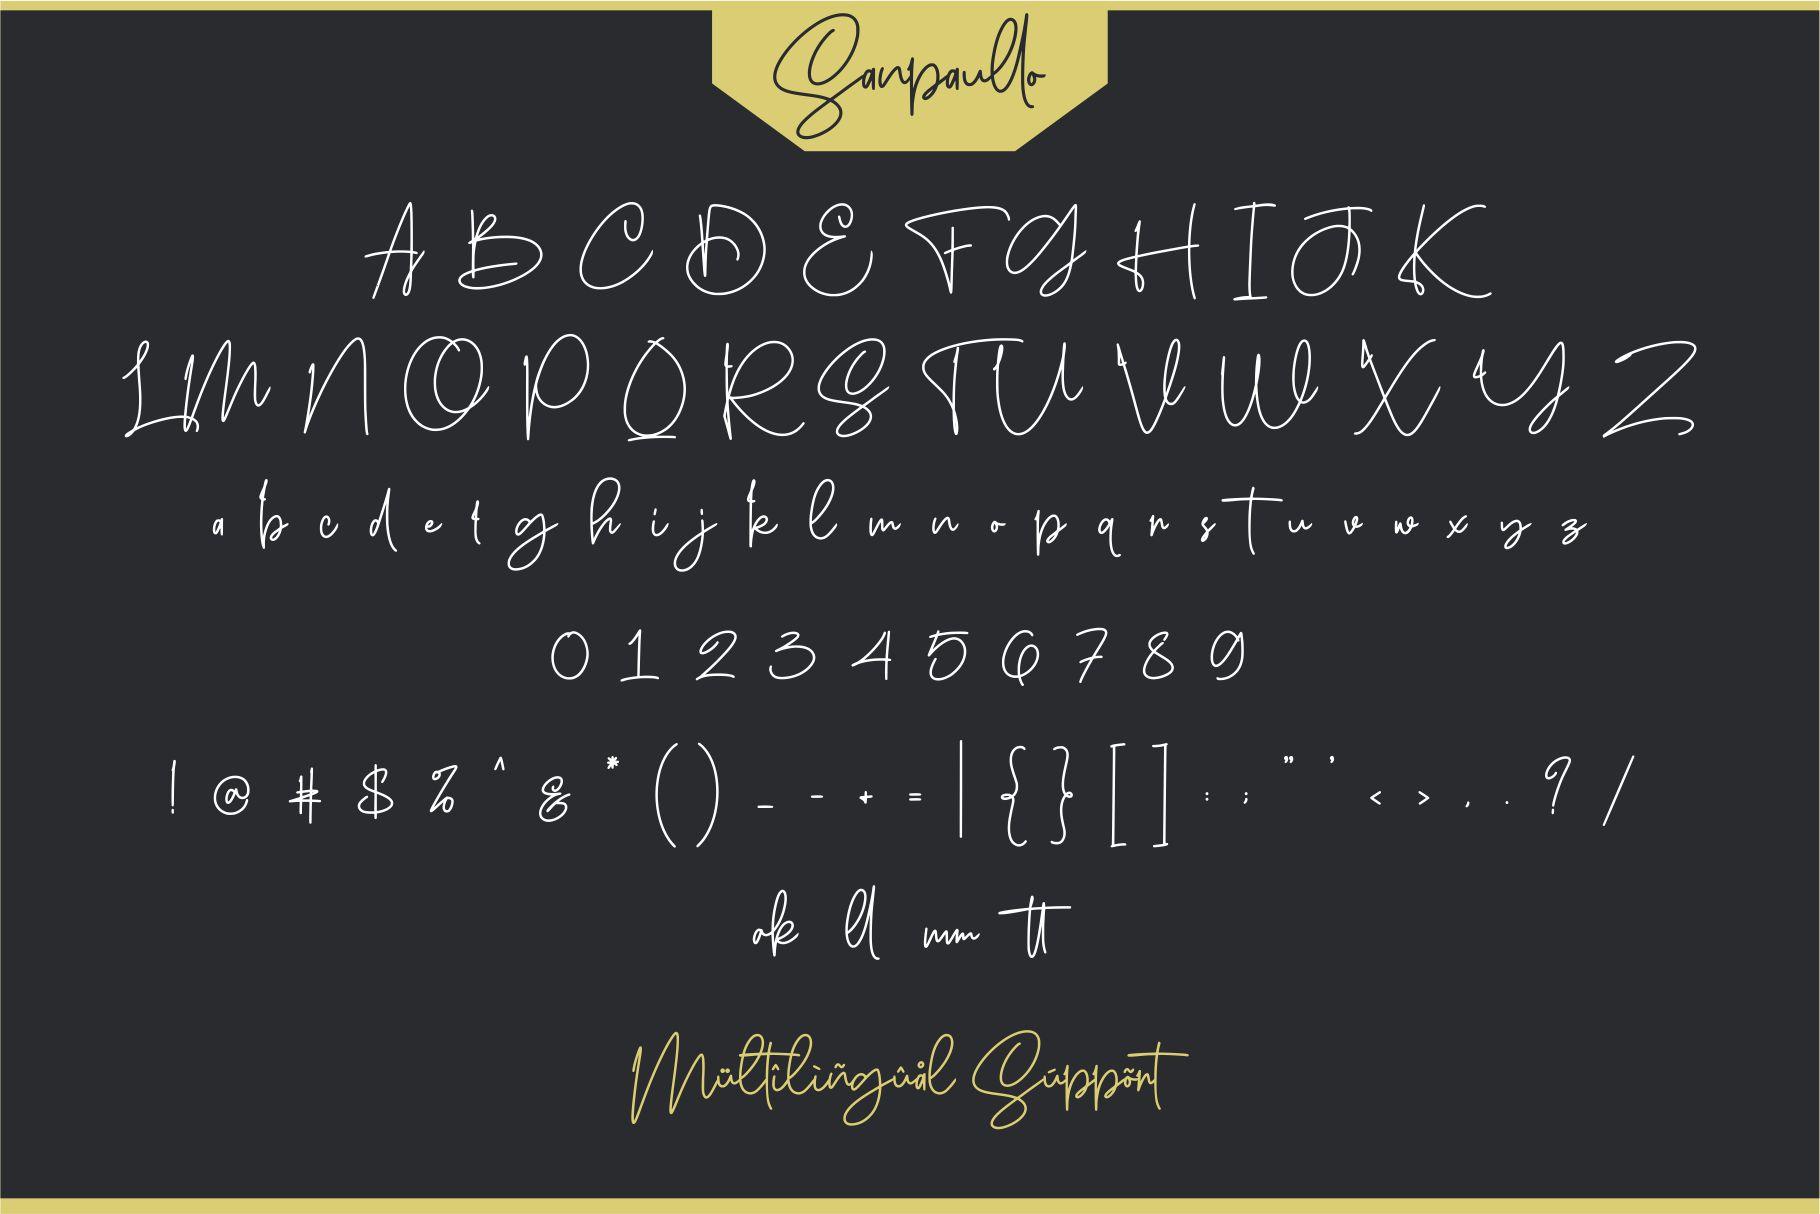 Sanpaullo - Signature Font example image 4